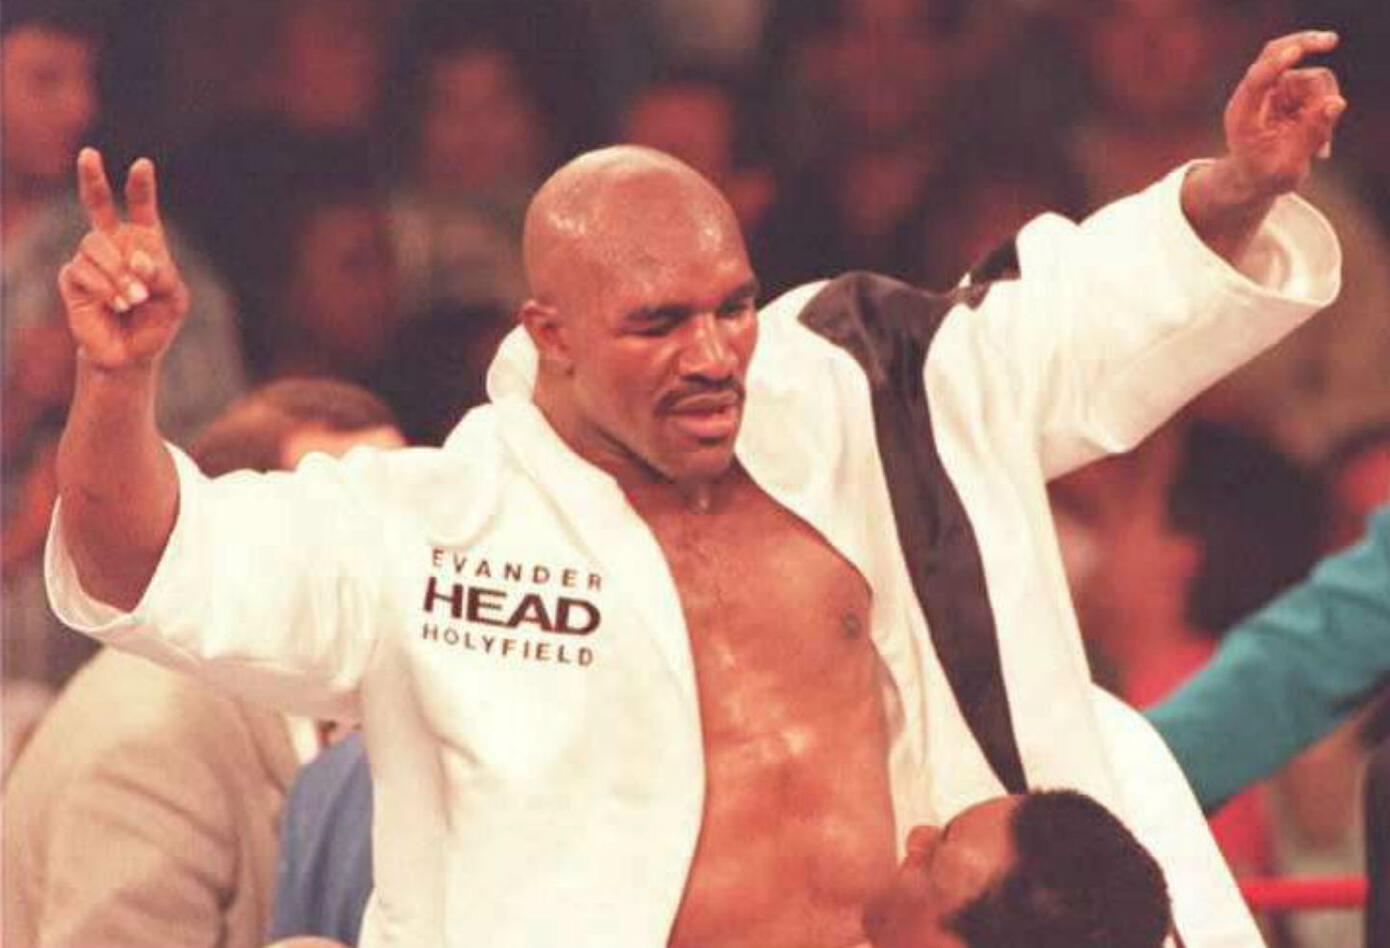 10. Evander Holyfield. Nació el 19 de octubre de 1962 en Atmore, Alabama, (EE.UU.). Se retiró el 7 de mayo de 2011. Tiene un récord de 44 victorias (29 nocauts), diez derrotas, dos empates – un combate nulo. Realizó catorce defensas.